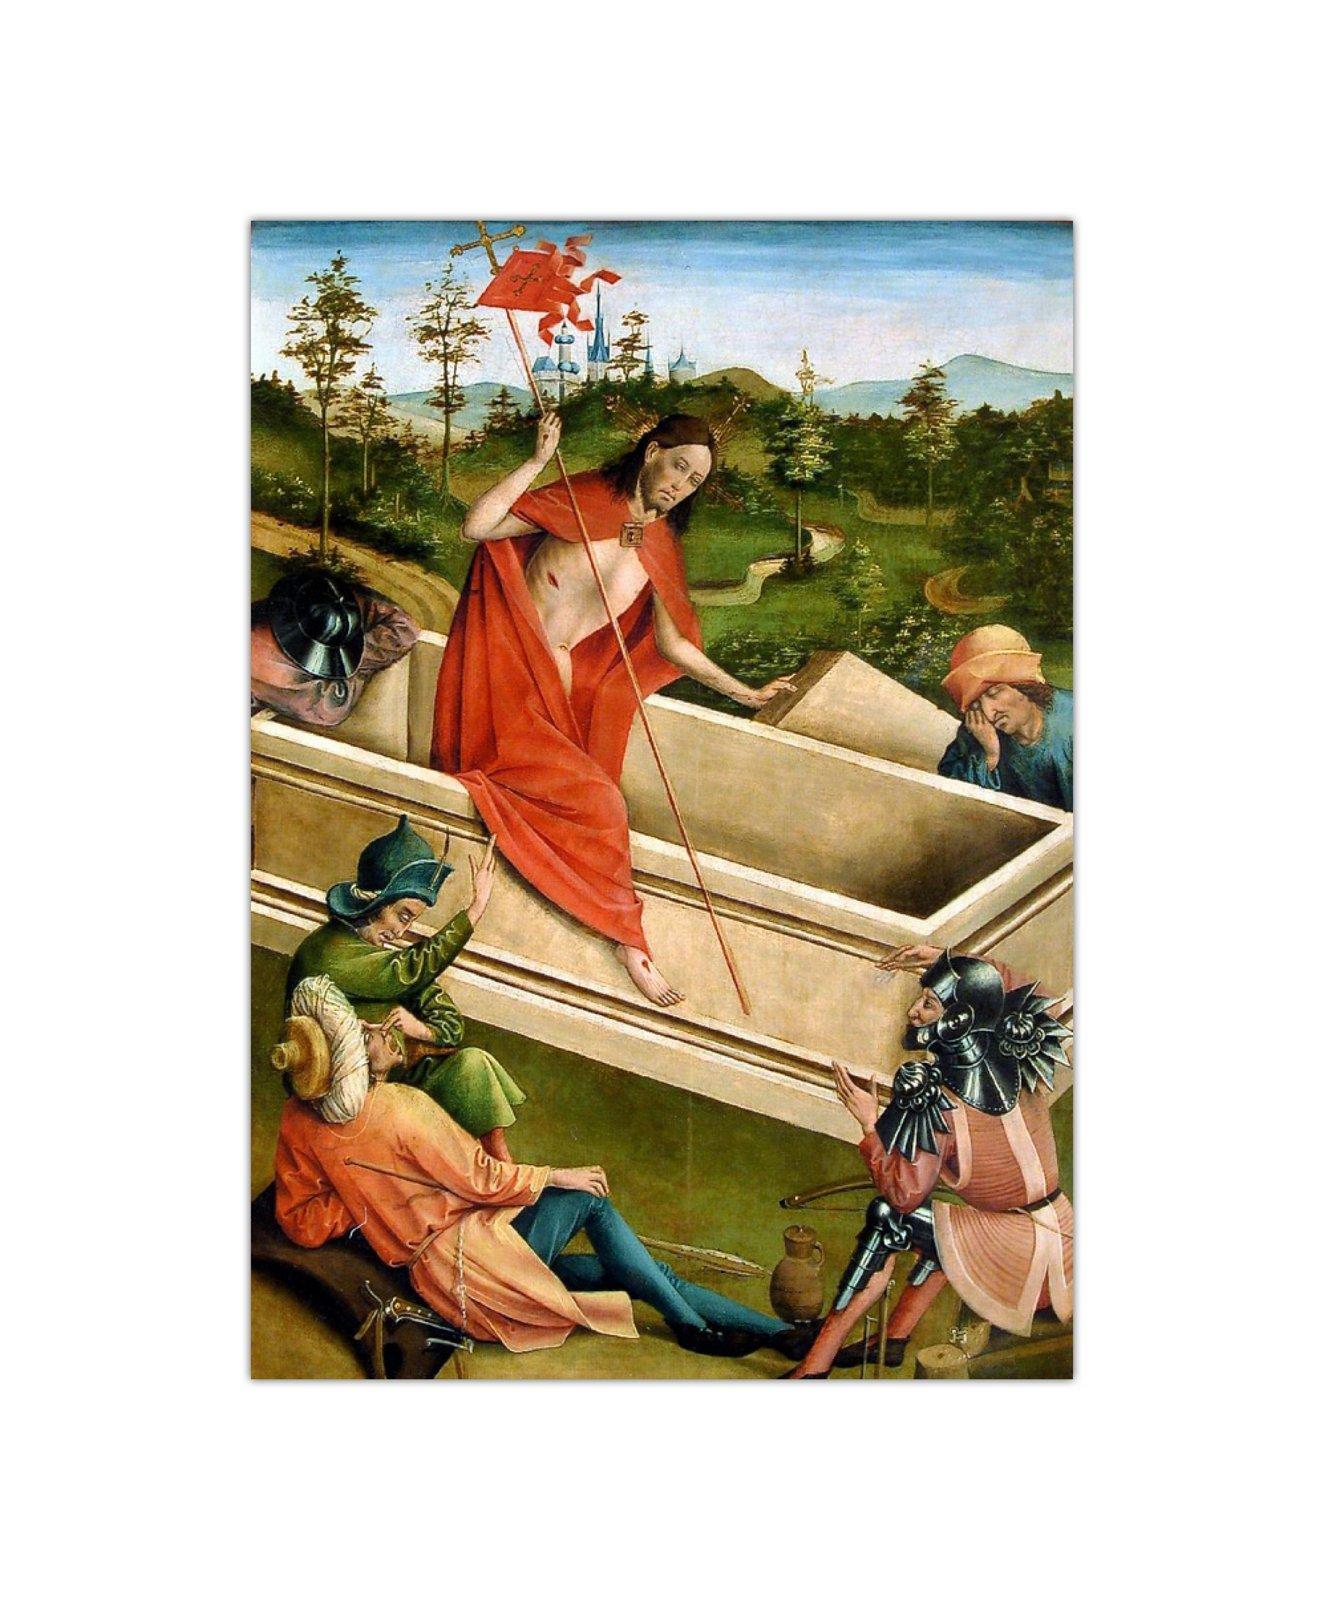 Johann Koerbecke, Zmartwychwstanie, 1457 2